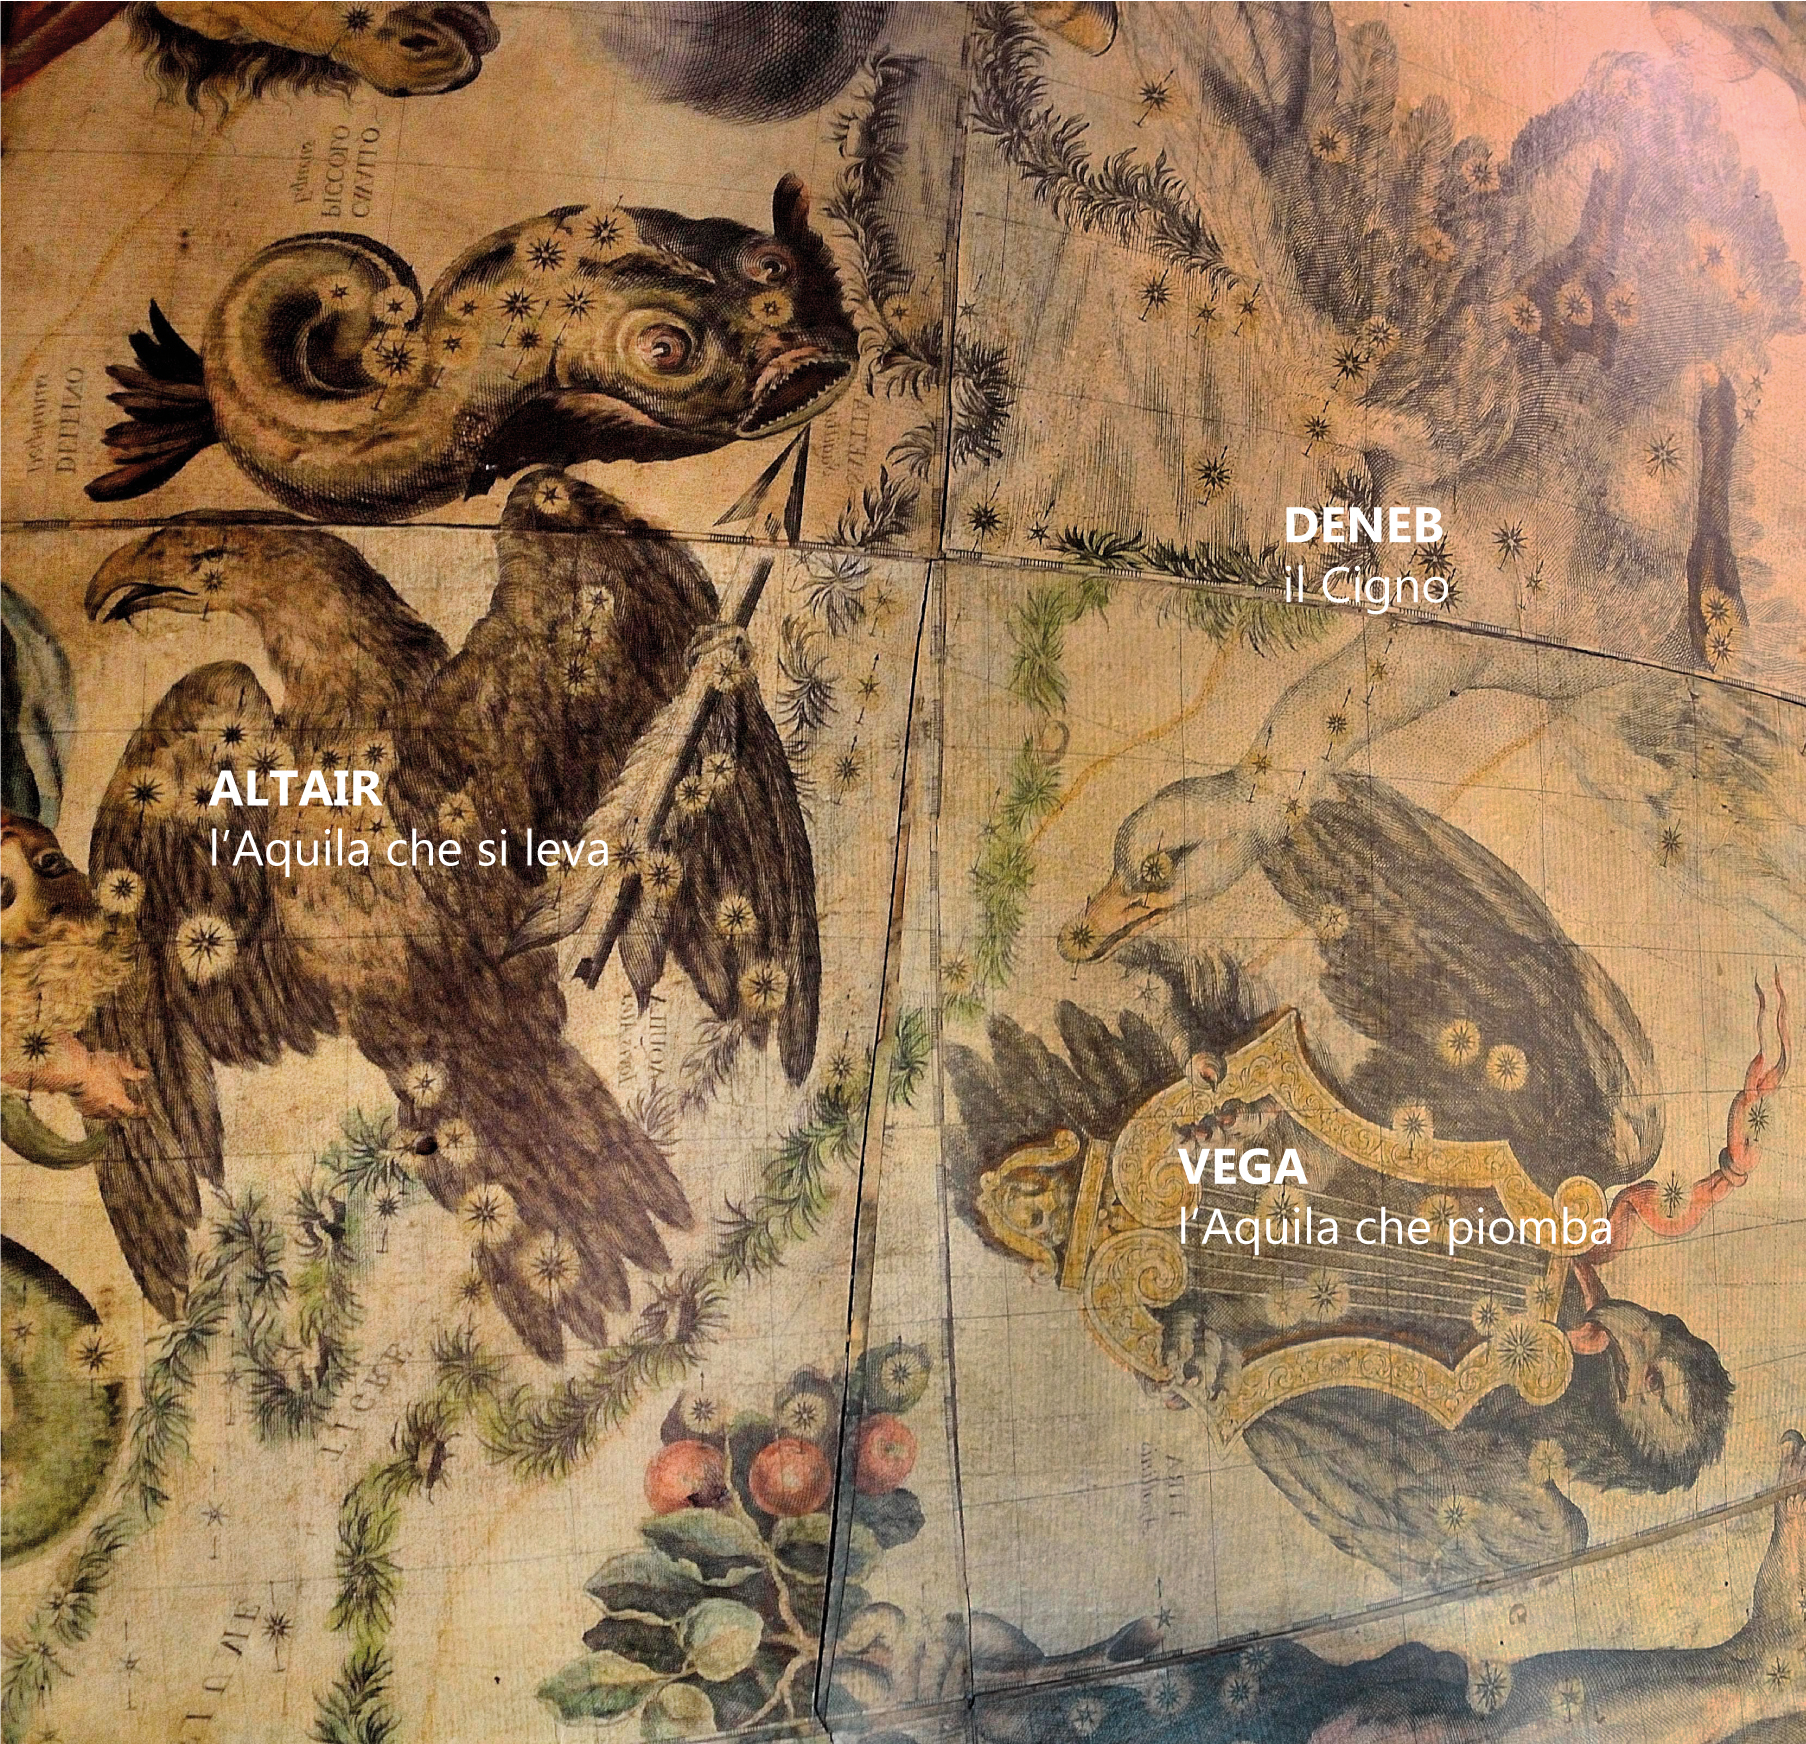 Francesco Coronelli,   Celestial Globe  of 1693 (edition 1803) (immagine rovesciata specularmente / image reversed specularly) Venezia, Museo Storico Navale  Foto: Chiara Enzo and Marta Naturale, 2016